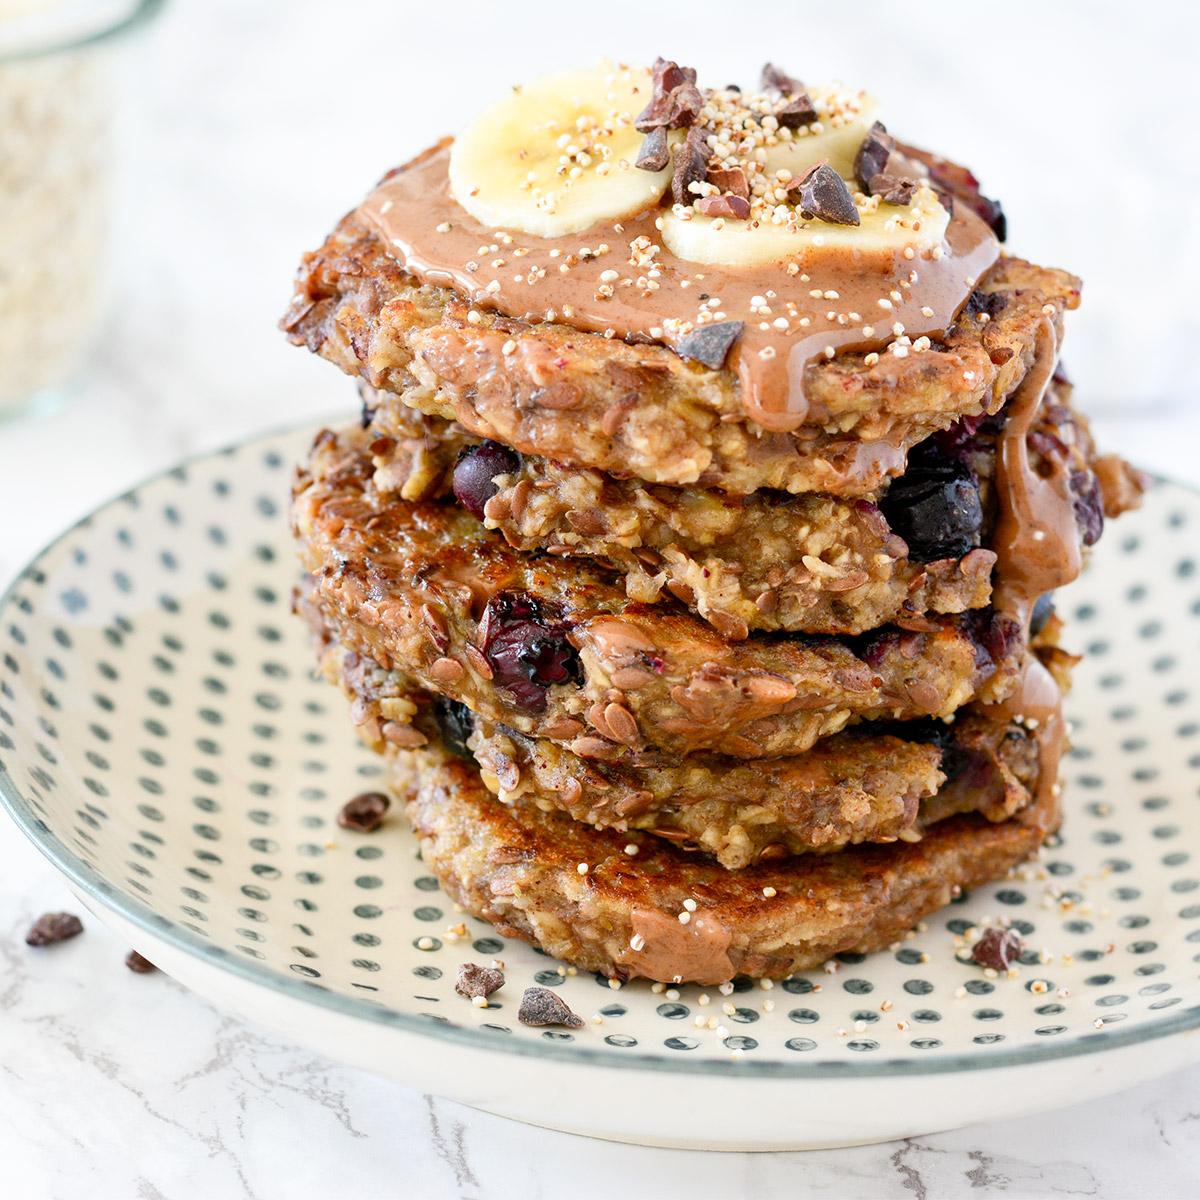 FODMAP-arme Bananen Pancakes mit Heidelbeeren